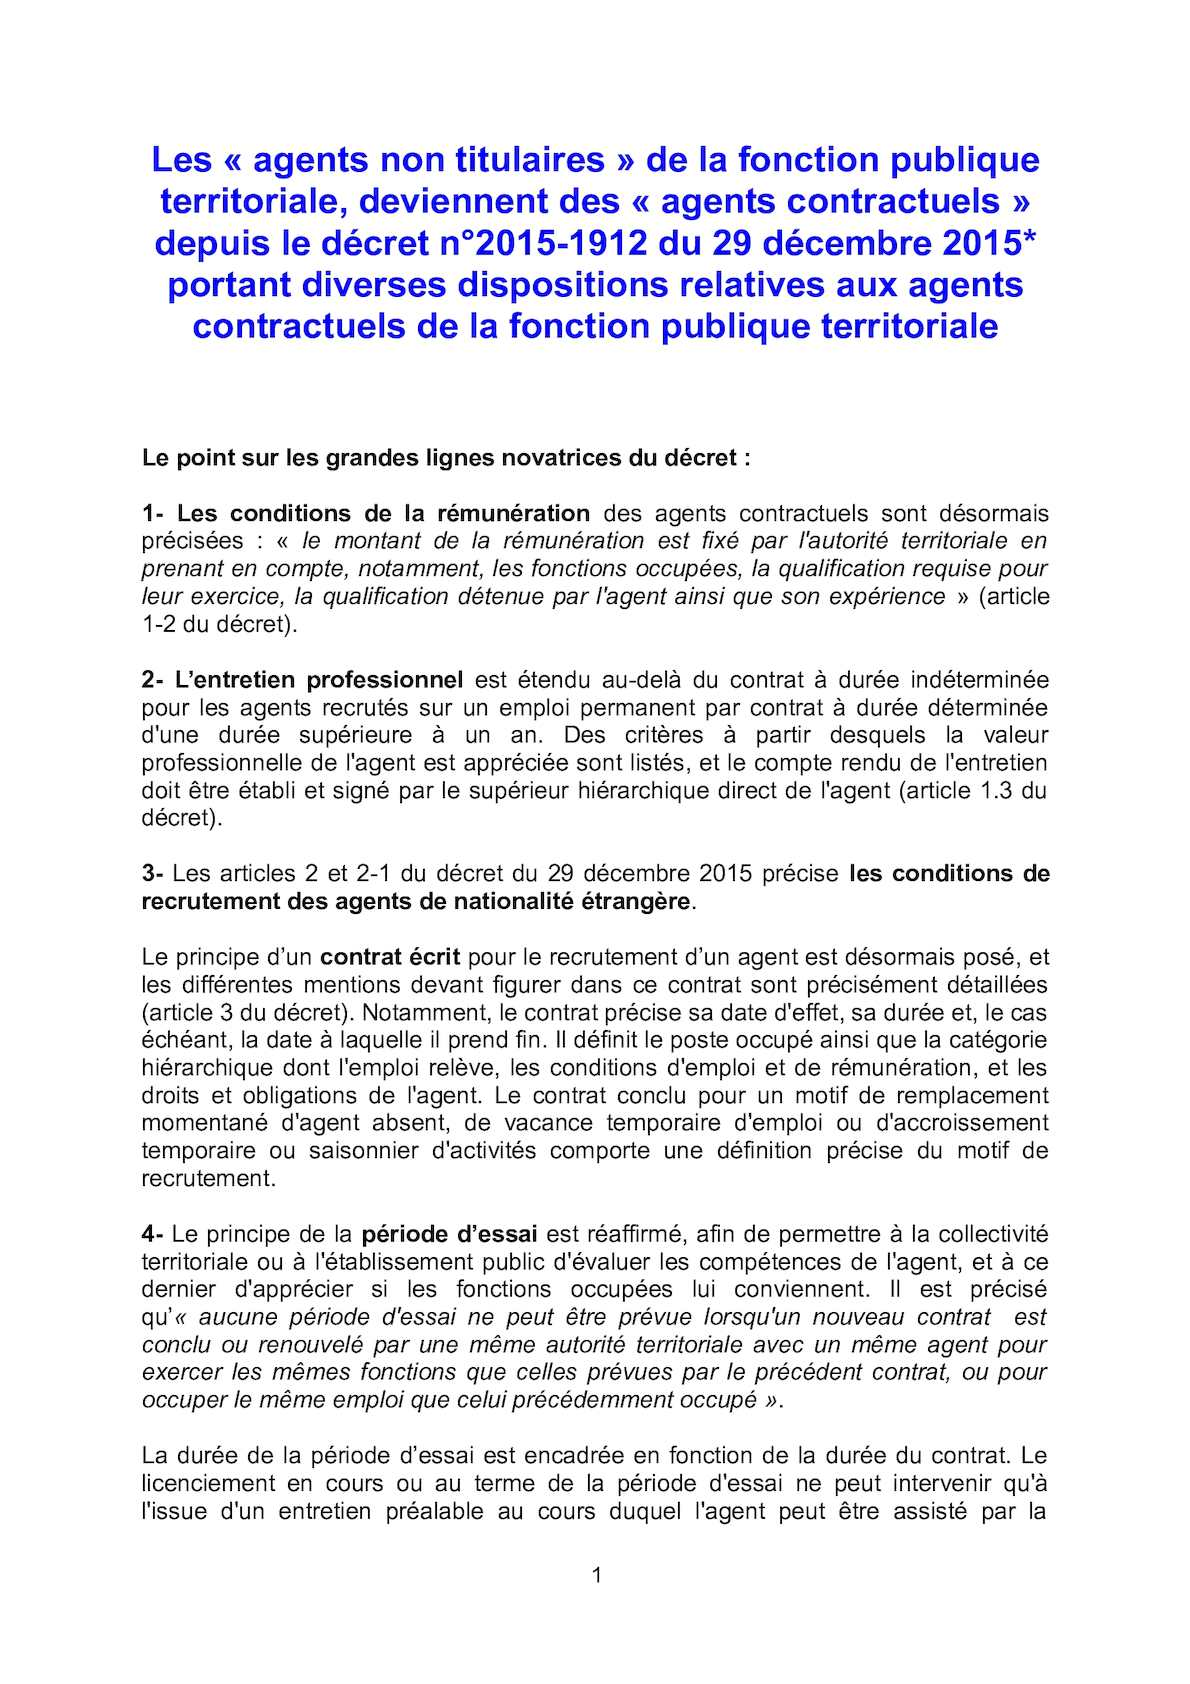 c855340fed7 Calaméo - Information Sur Decret 29 12 2015 Contractuels